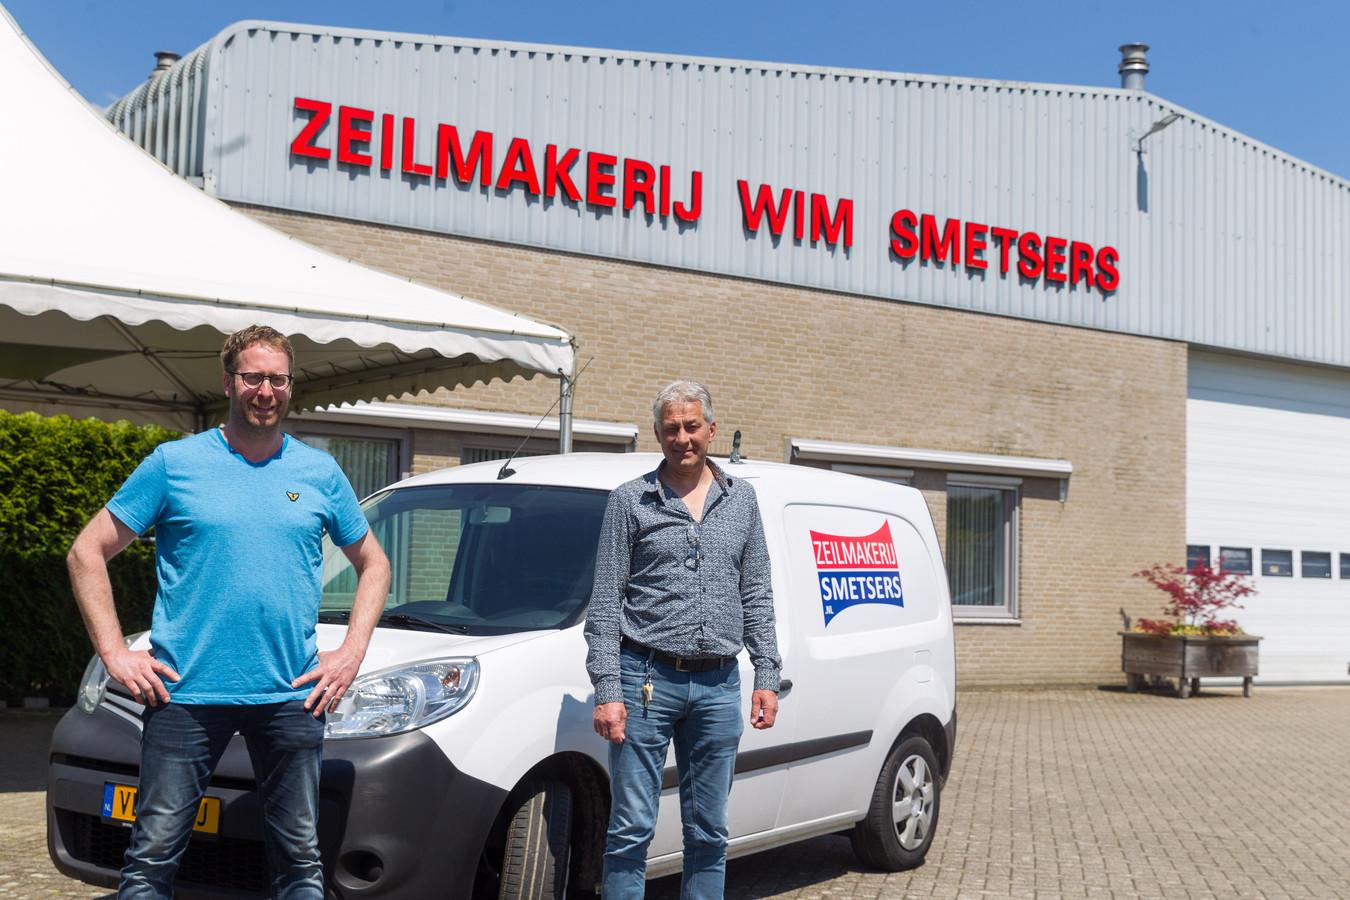 Bas Timmermans (links) van het metaalbedrijf BTM uit Middelbeers neemt de zeilmakerij van de familie Smetsers over. Wim Smetsers neemt daarmee afscheid van de zeilmakerij.